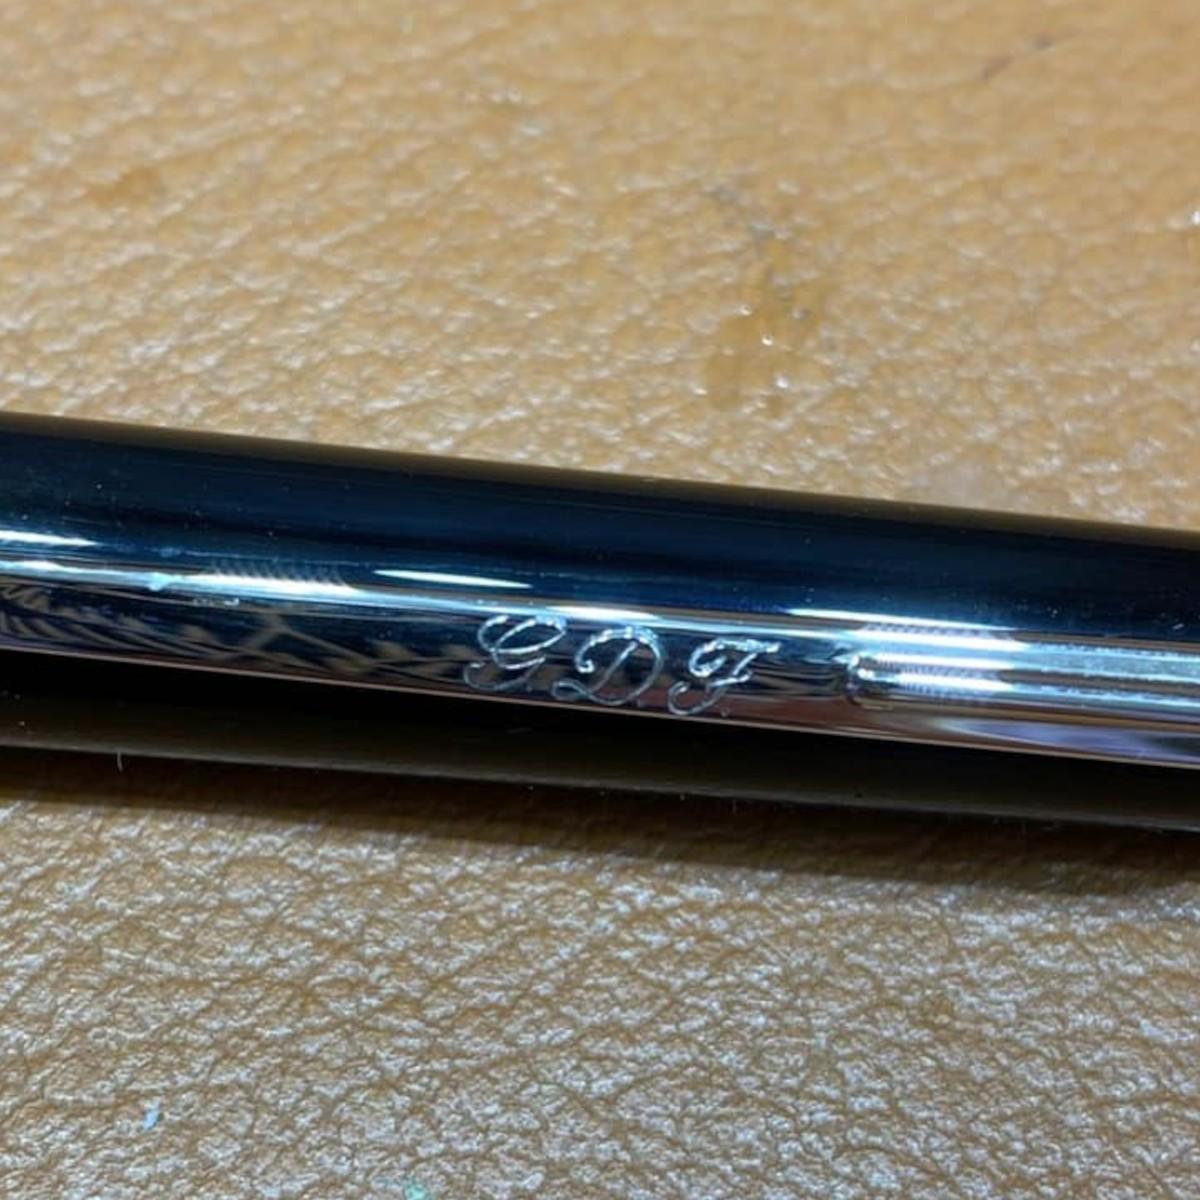 Incisione personalizzazione penna